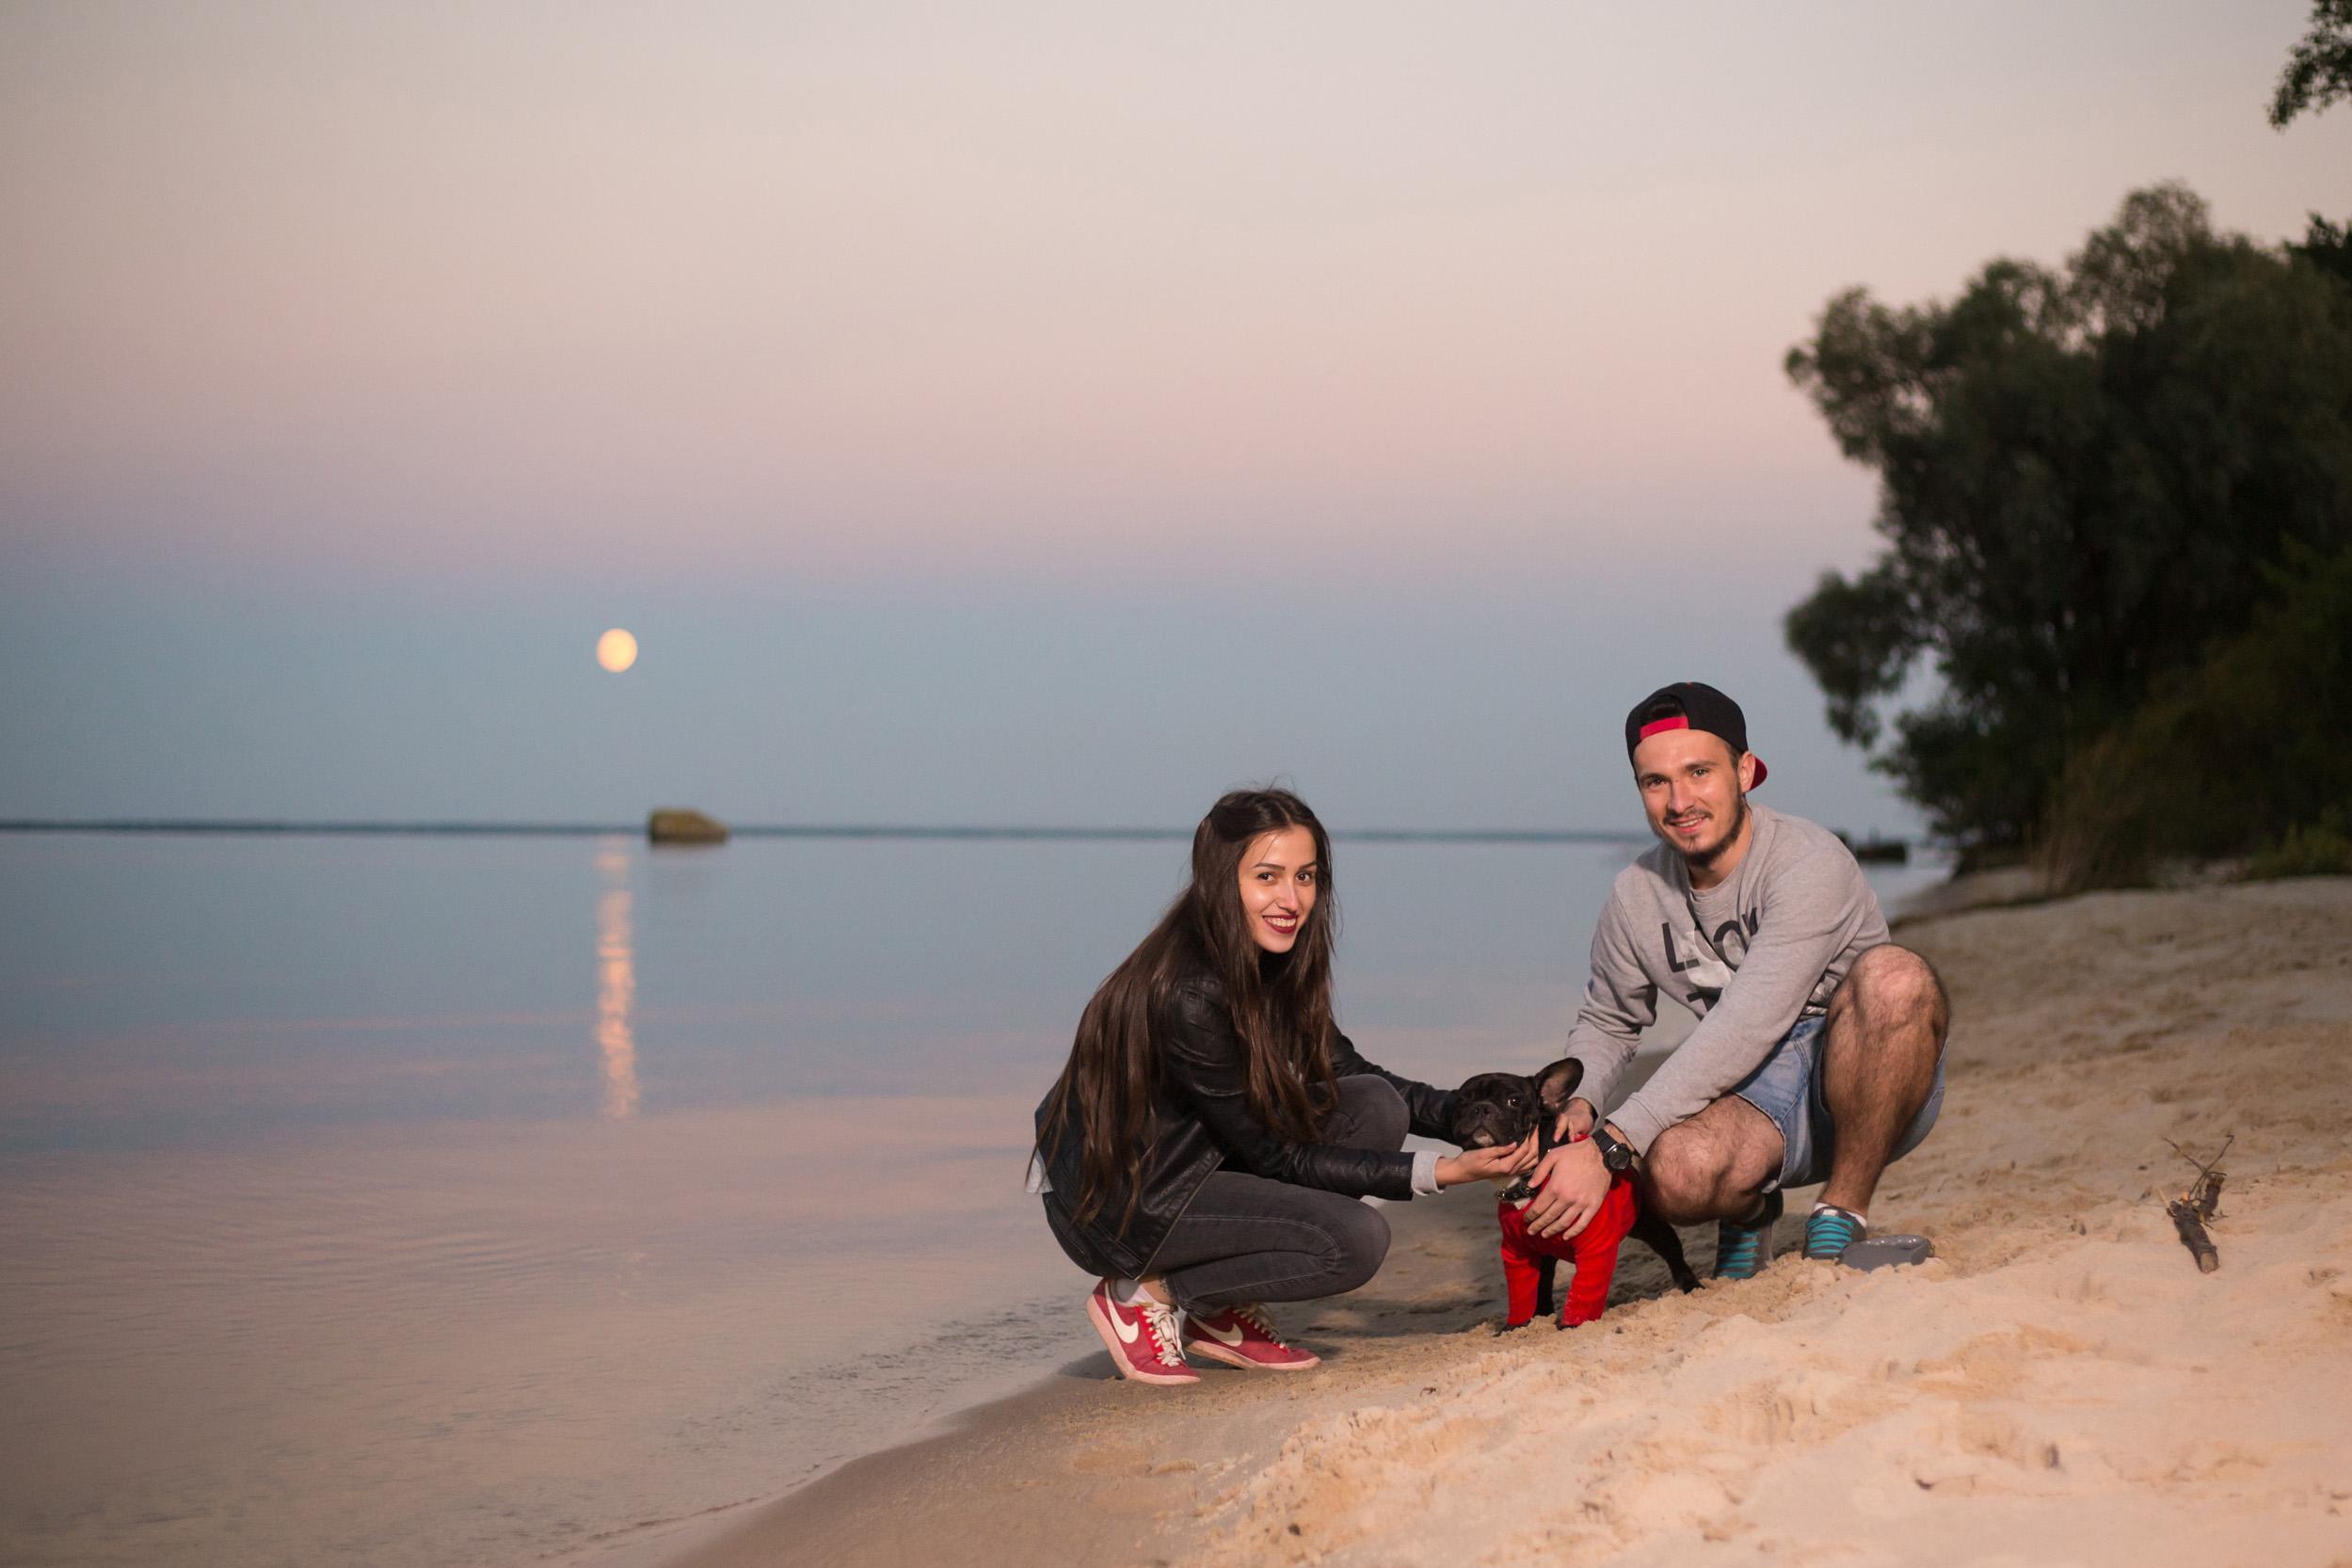 пара играет с собакой на берегу моря,на пляже с собакой